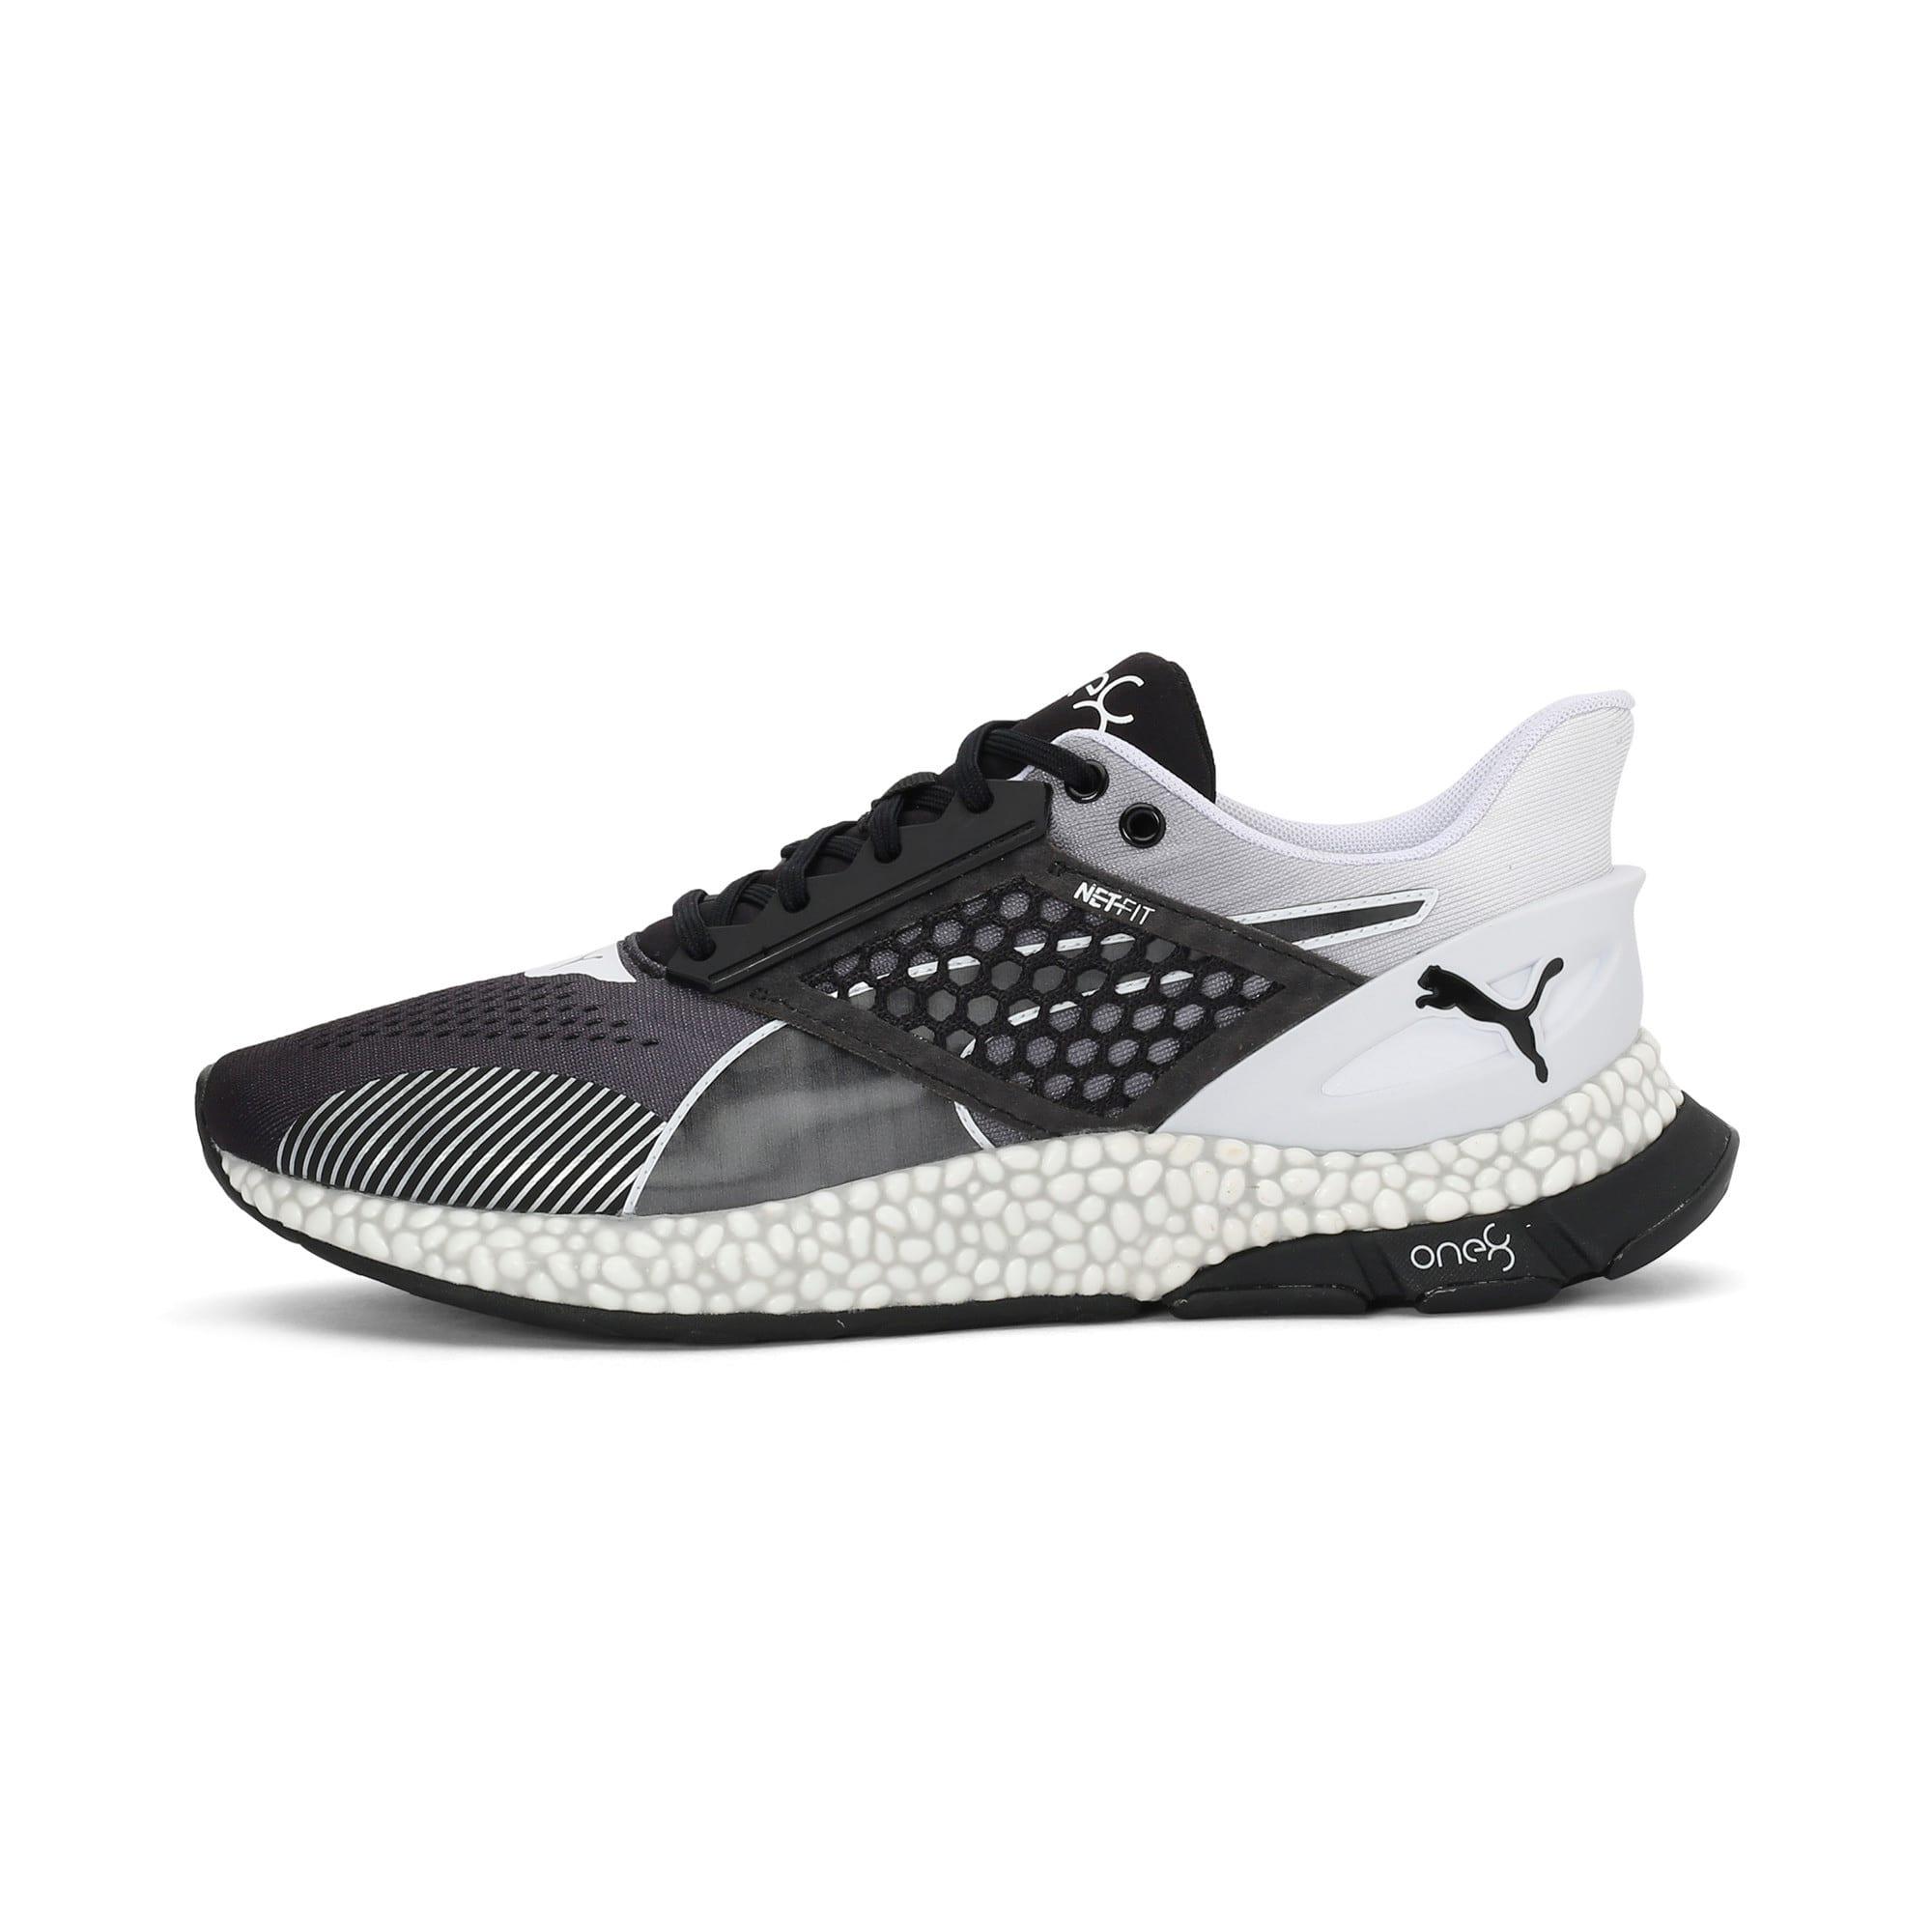 Thumbnail 1 of HYBRID Astro one8 Unisex Running Shoes, Puma Black-Puma White, medium-IND